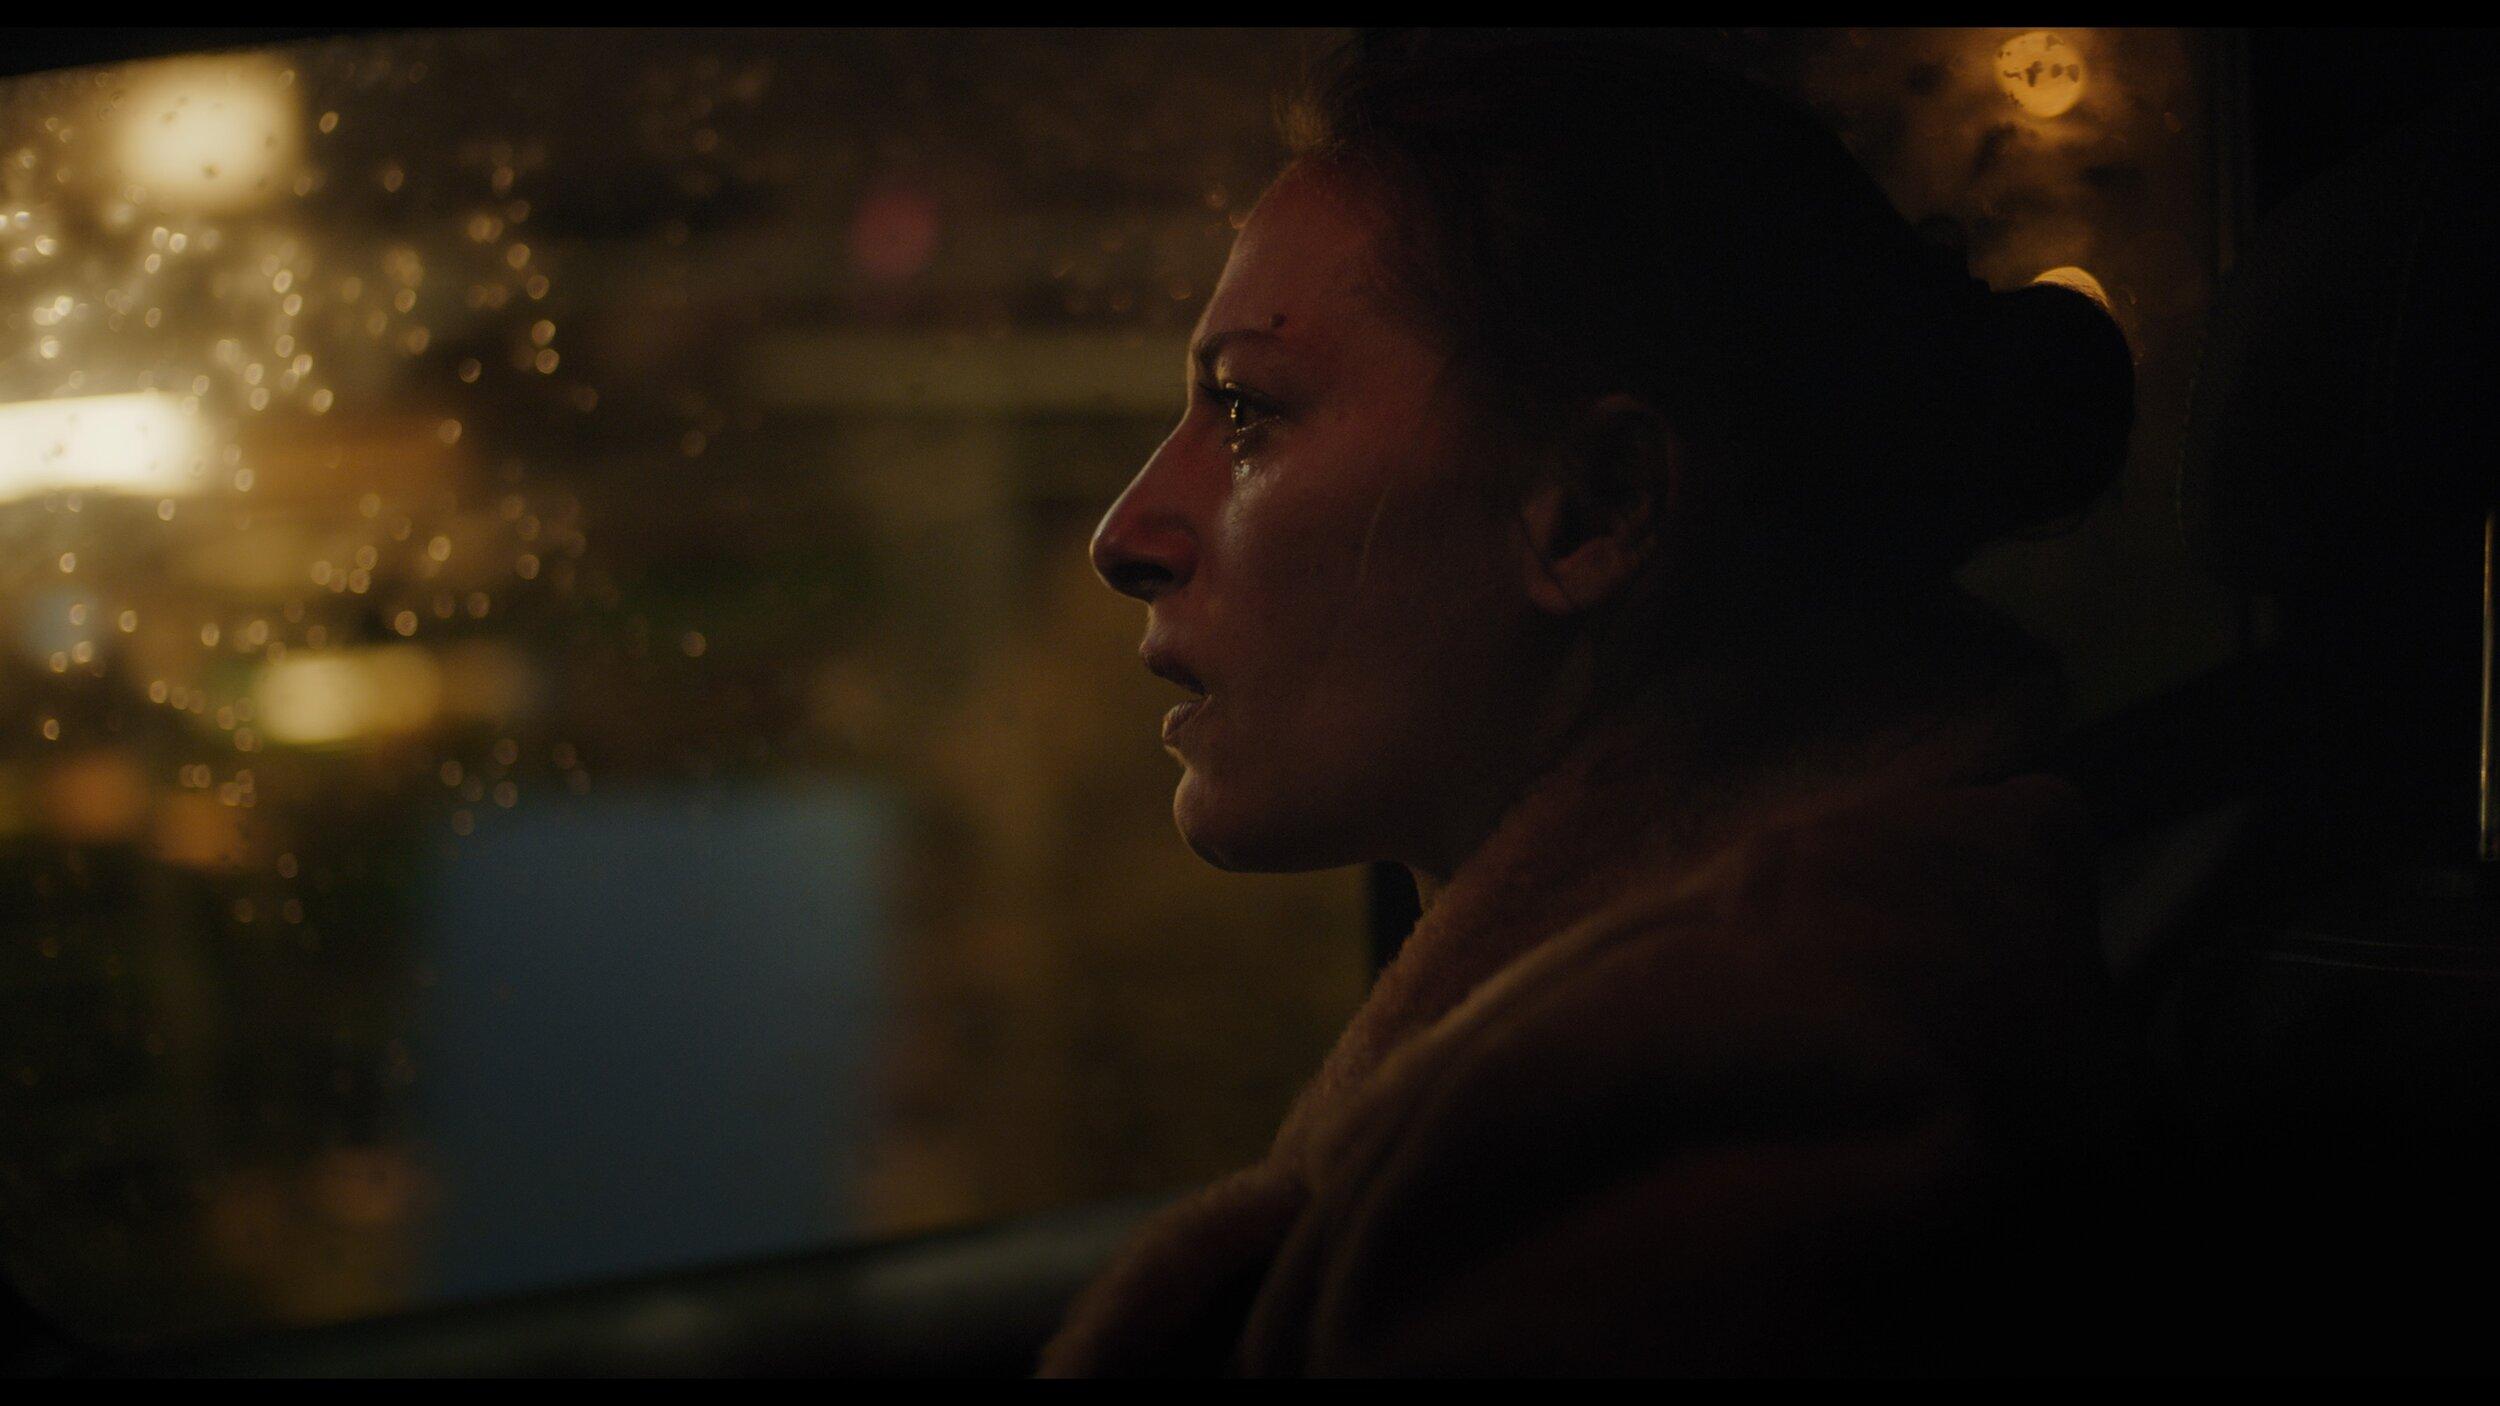 Film med inledning: Blind Spot. Nominerad till Nordiska rådets filmpris.   Kl 13.00, BIO Victor  Norge (98 min). Manus och regi: Tuva Novotny. Producent: Elisabeth Kvithyll. I rollerna: Pia Tjelta, Anders Baasmo Christiansen, Oddgeir Thune Blind Spot (Blindsone) är en djupt berörande berättelse om en mors kamp för att förstå sin tonåriga dotters psykiska ohälsa. Filmen utforskar med extrem känslighet de gråa eller blinda zonerna som är svåra att upptäcka av föräldrar eller samhället, samtidigt som den problematiserar dagens ideal som endast tycks byggas upp kring lycka och framgång. Hur kan vi öppna oss och tala om svåra tankar och problem, när perfektion är det enda vi förväntas visa upp utåt?  Inledning av Elisabeth Kvithell, filmens producent.